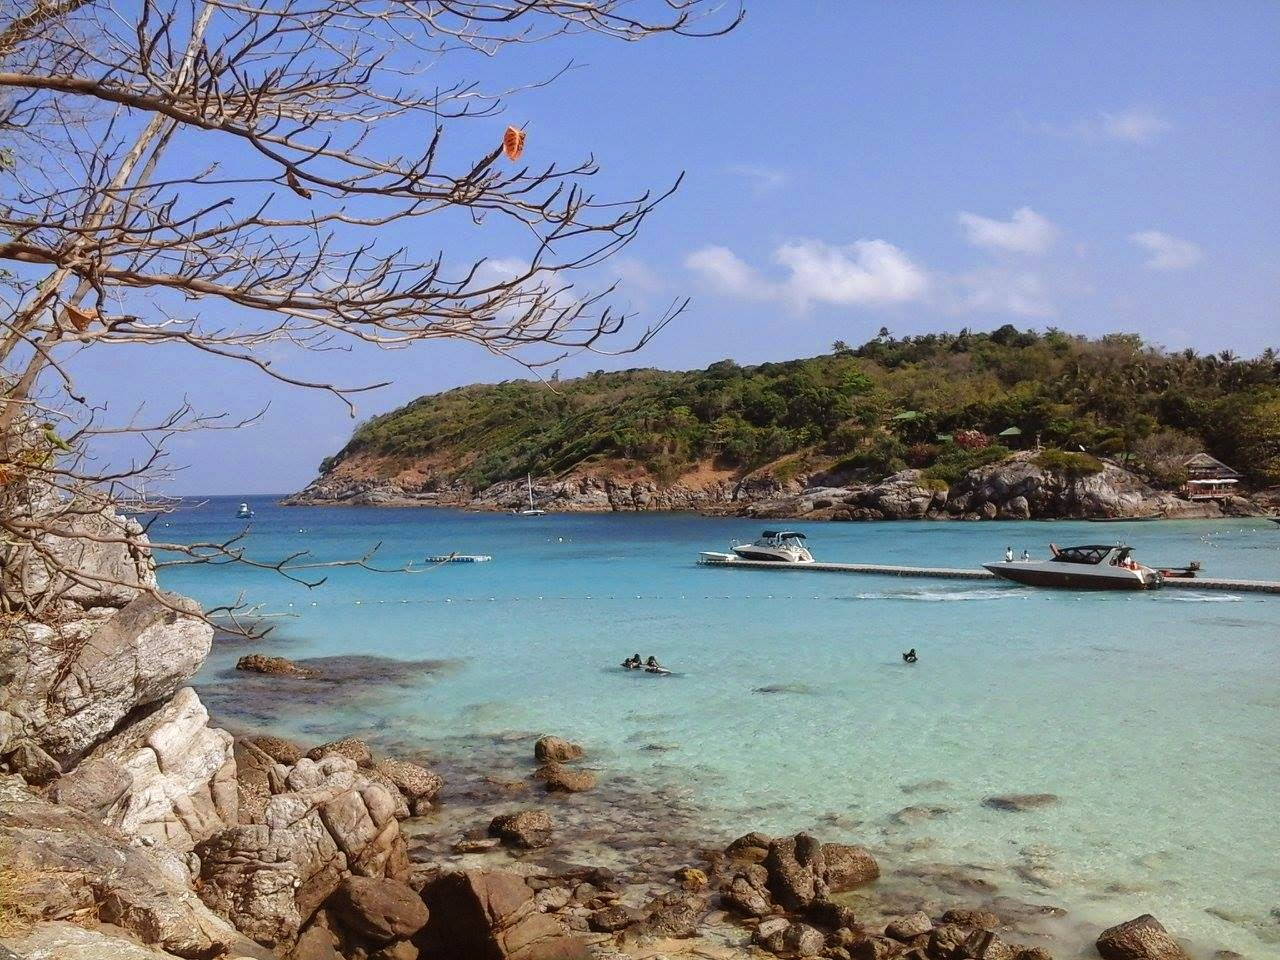 Sunrise tour at Racha yai island